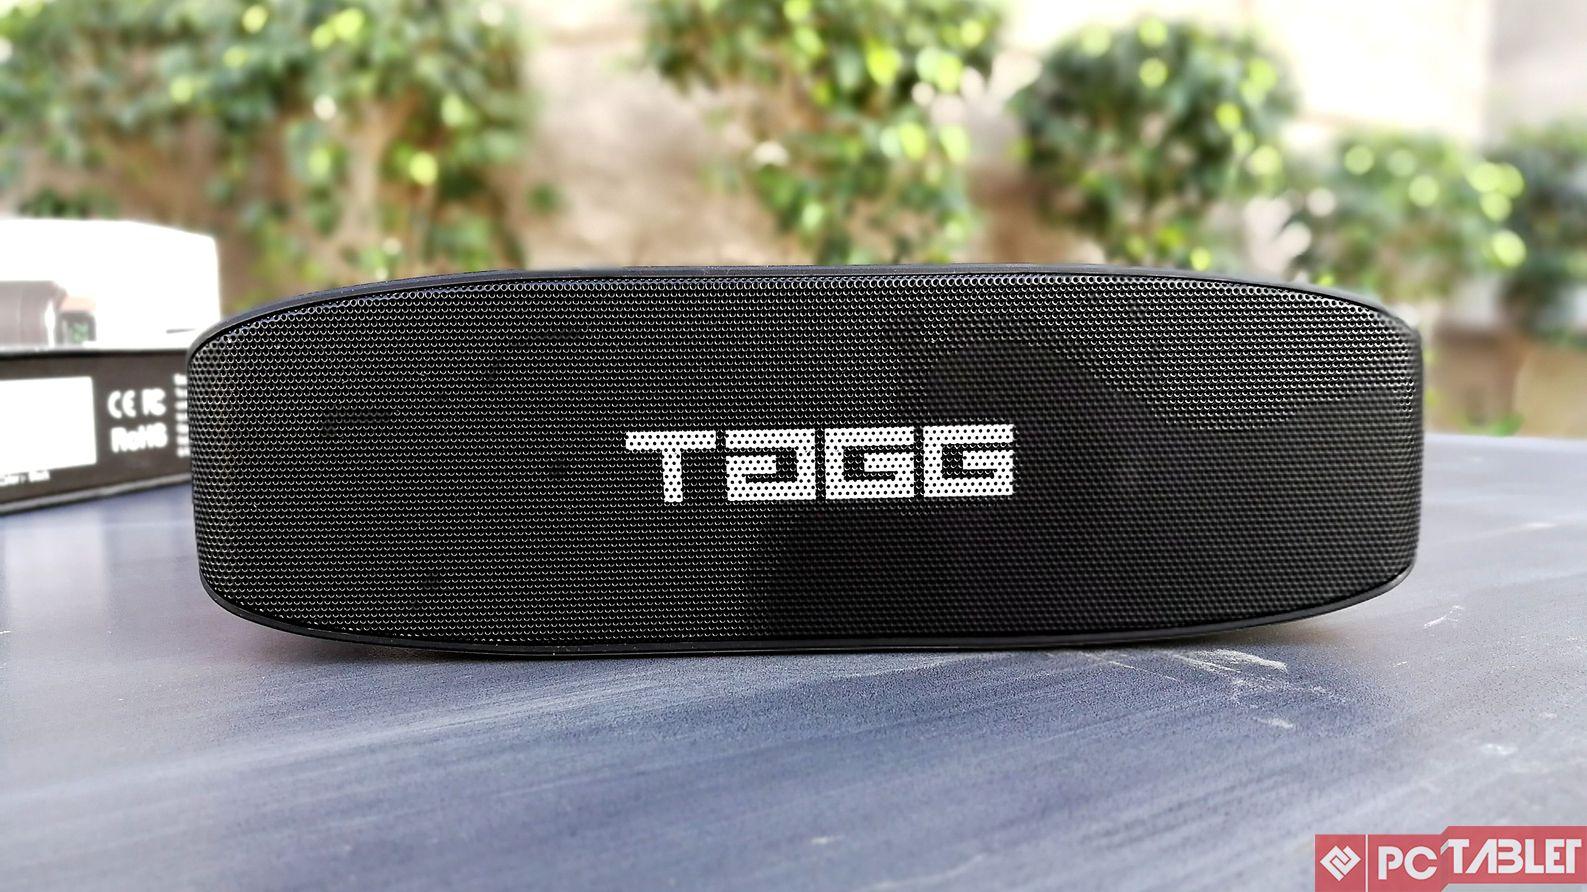 Tagg loop 2